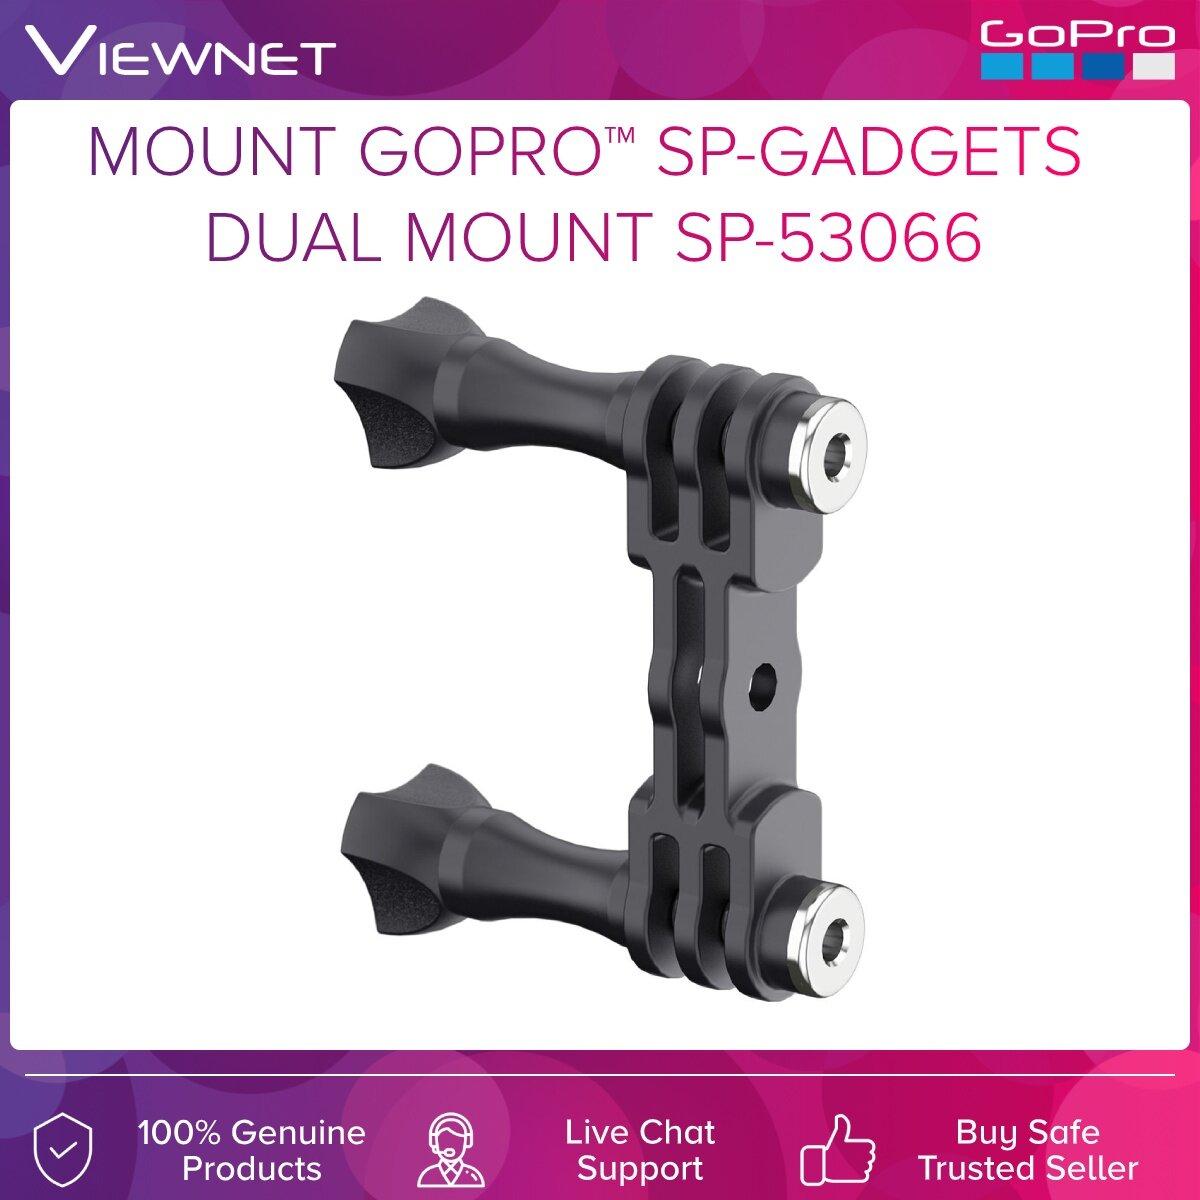 GOPRO SP-GADGETS DUAL MOUNT (53066) GOPRO MOUNT